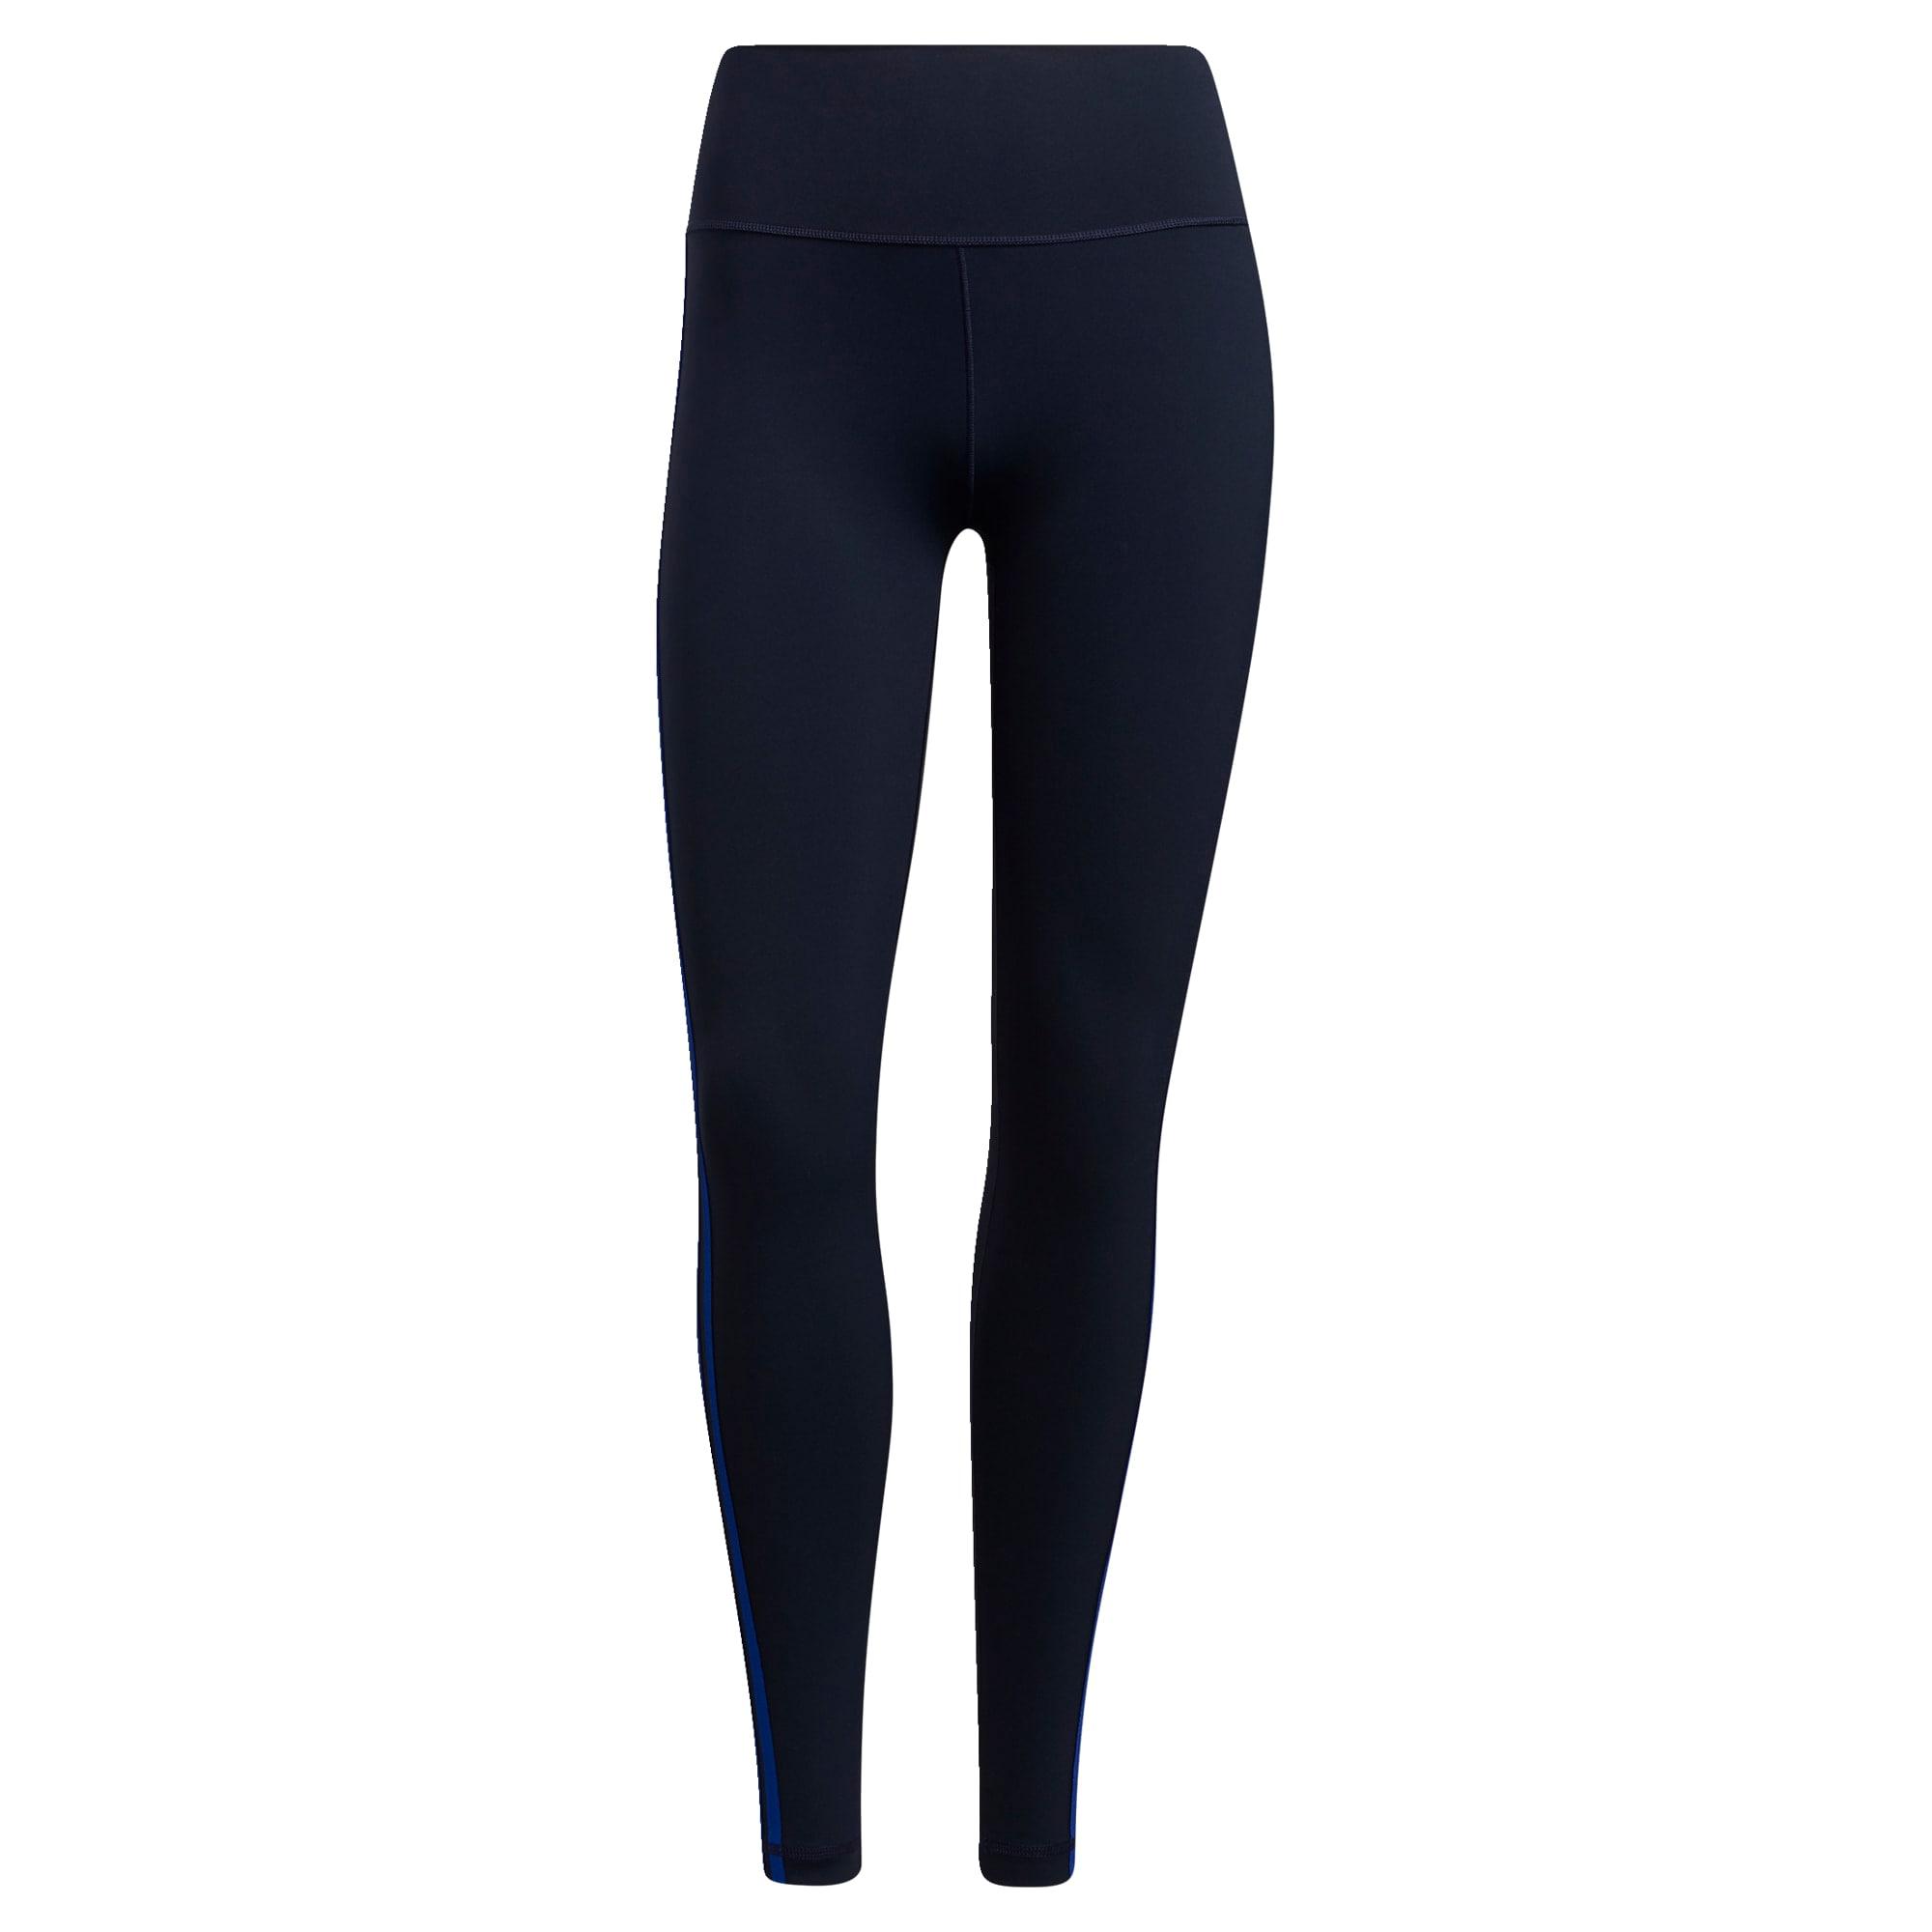 ADIDAS PERFORMANCE Sportovní kalhoty  tmavě modrá / modrá